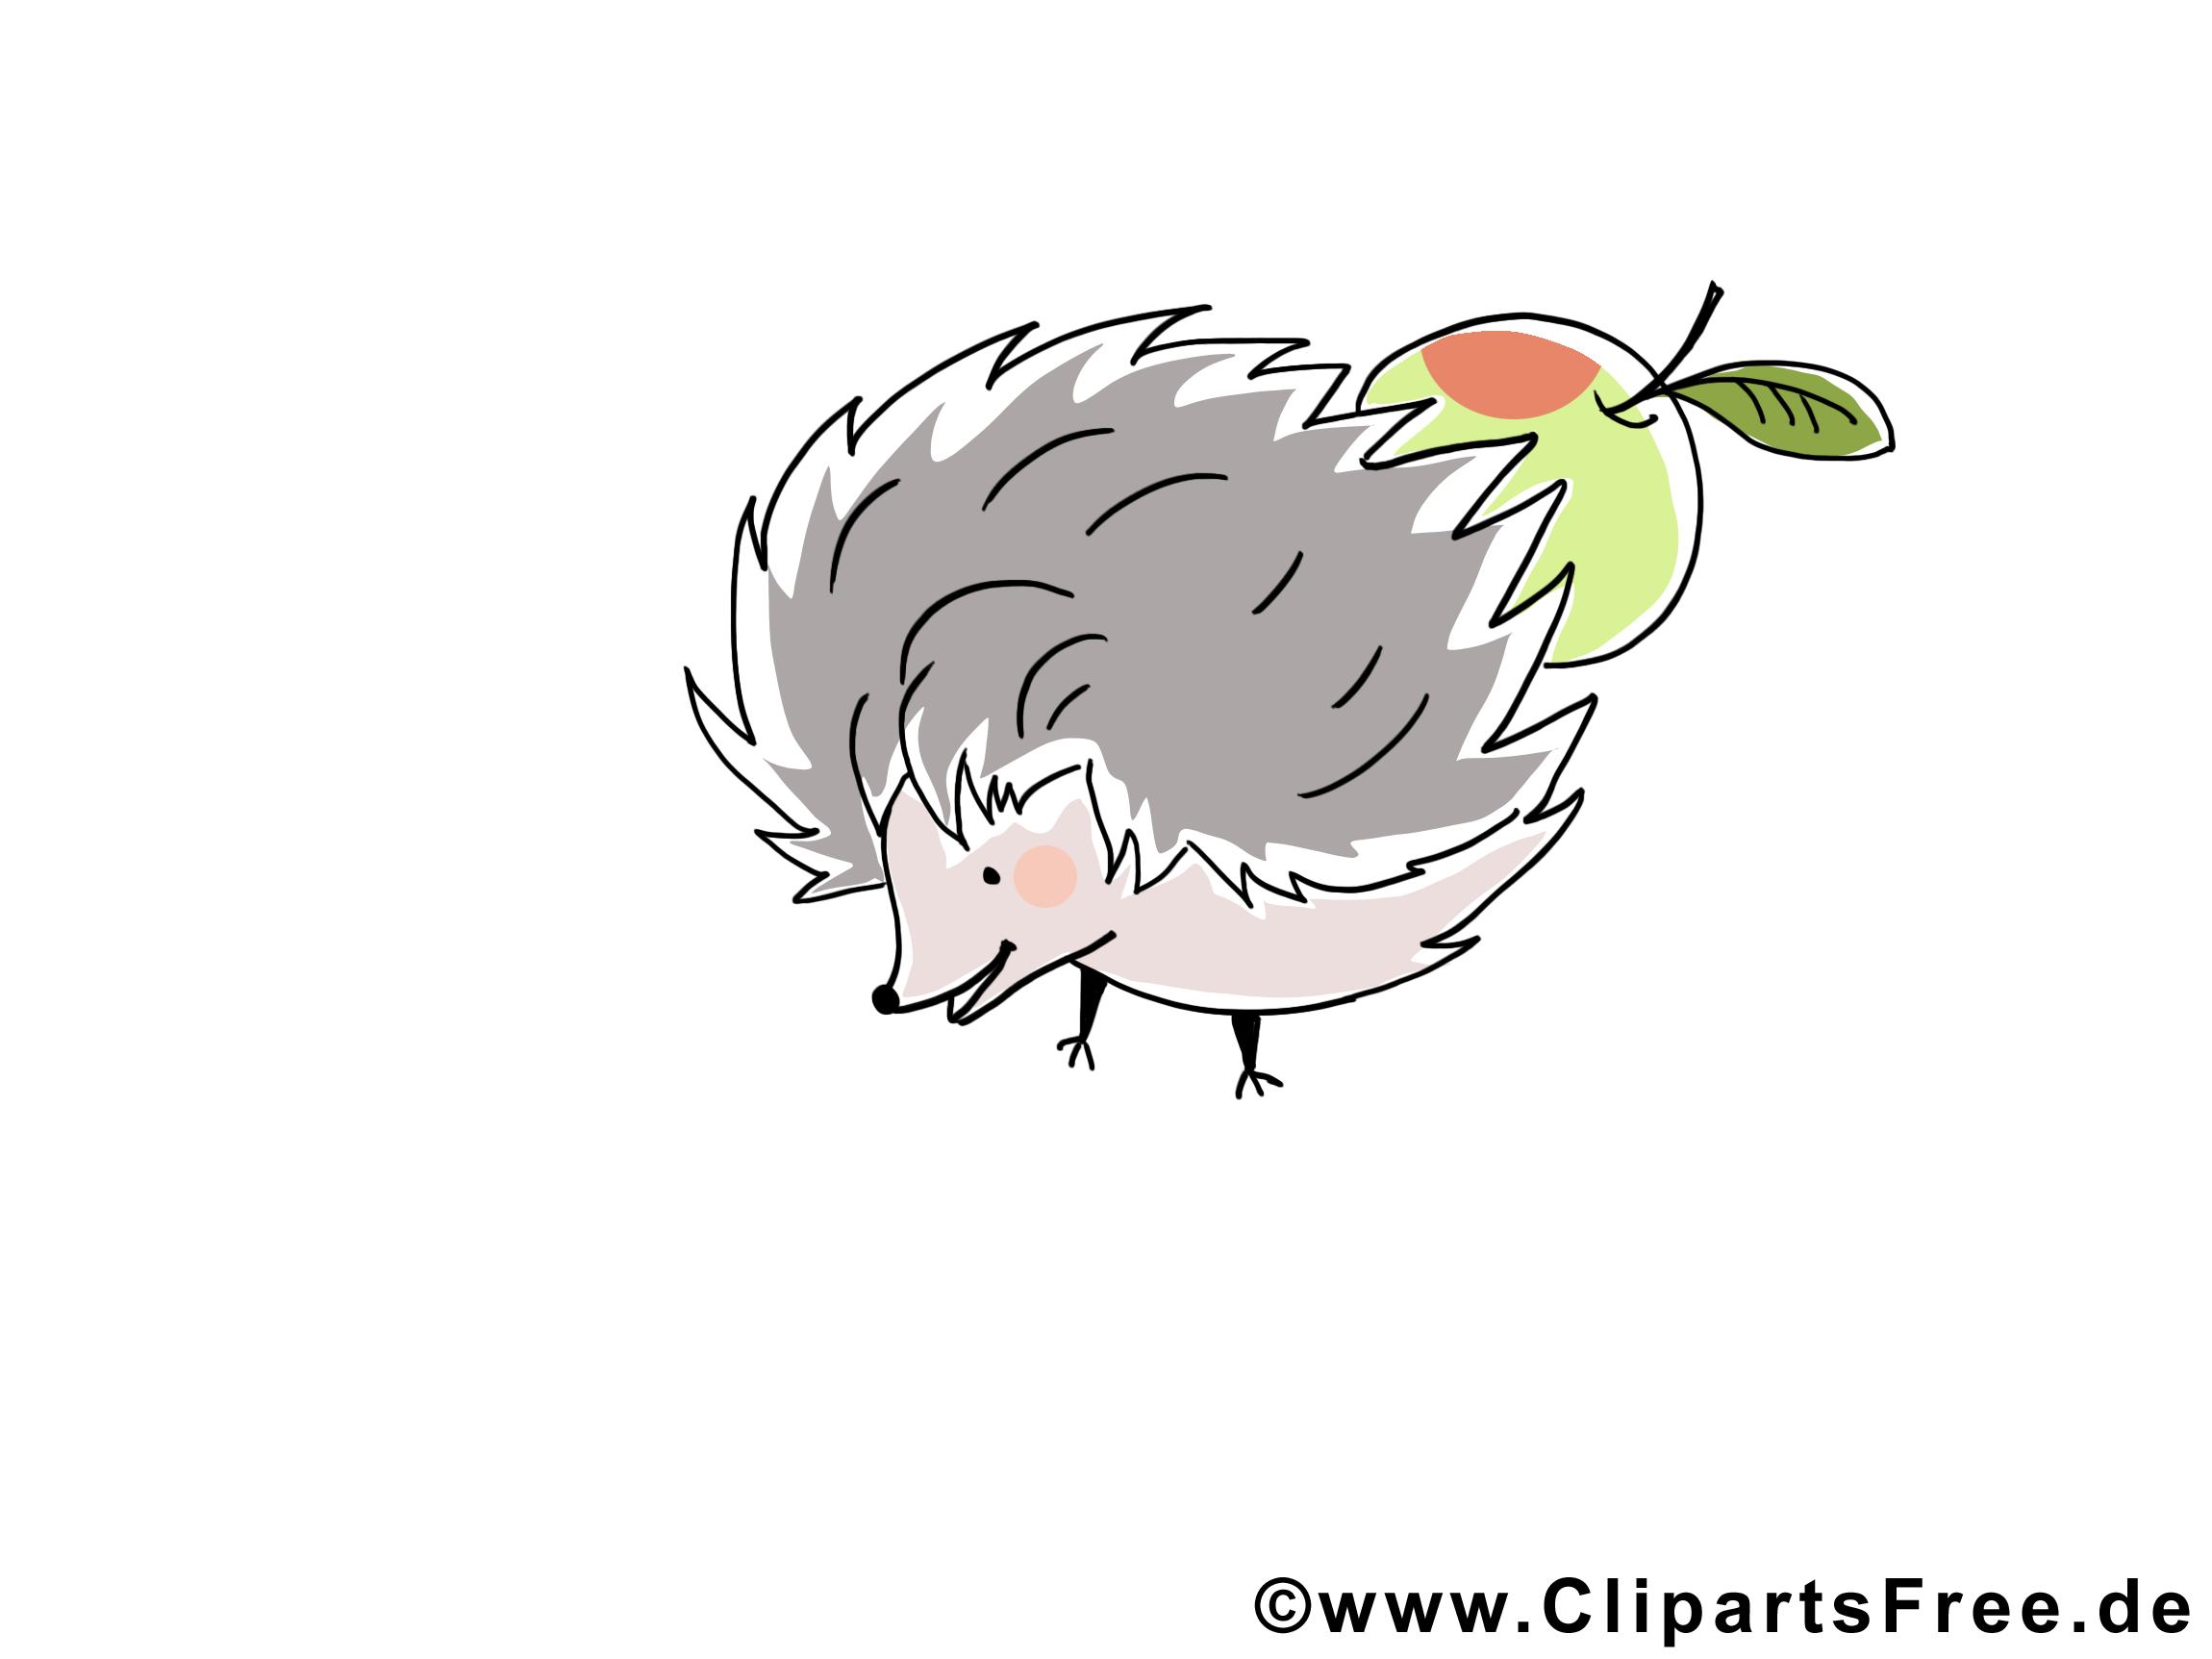 Igel bild clipart illustration grafik kostenlos - Grafik weihnachten kostenlos ...